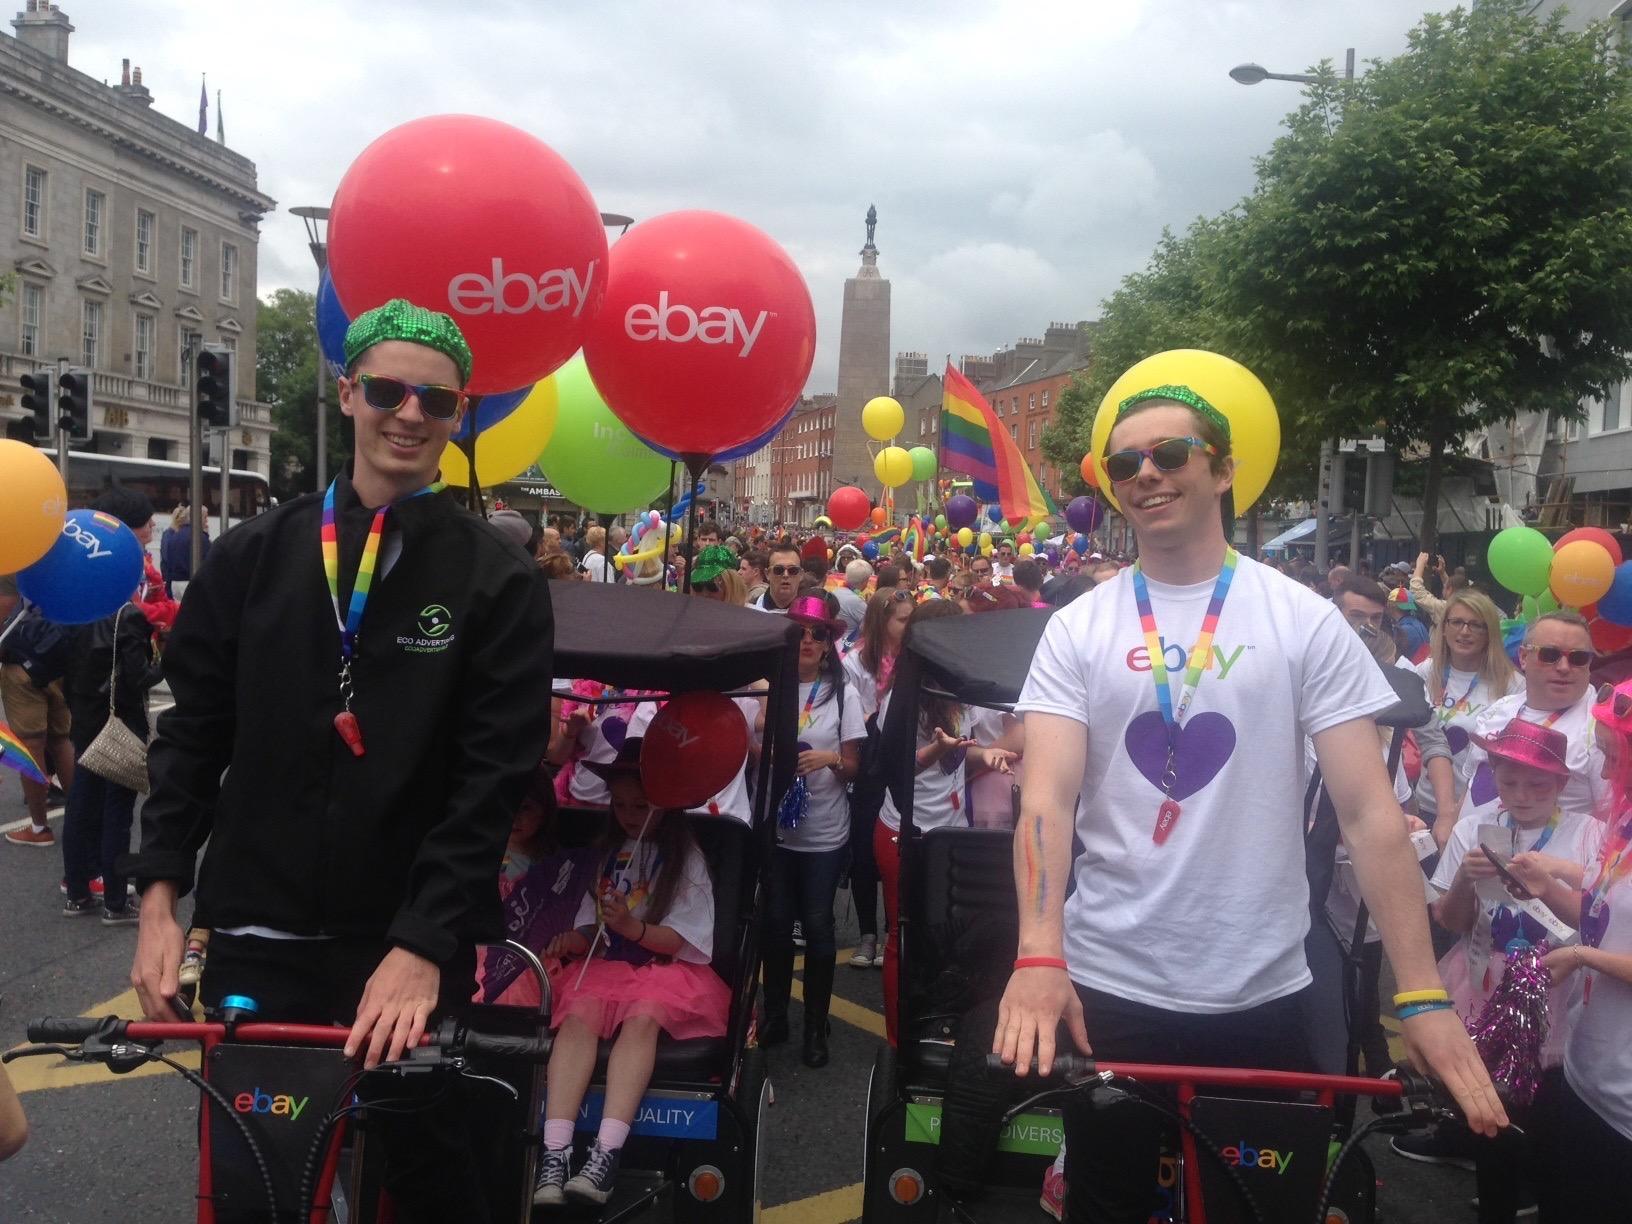 eBay Pride rickshaws